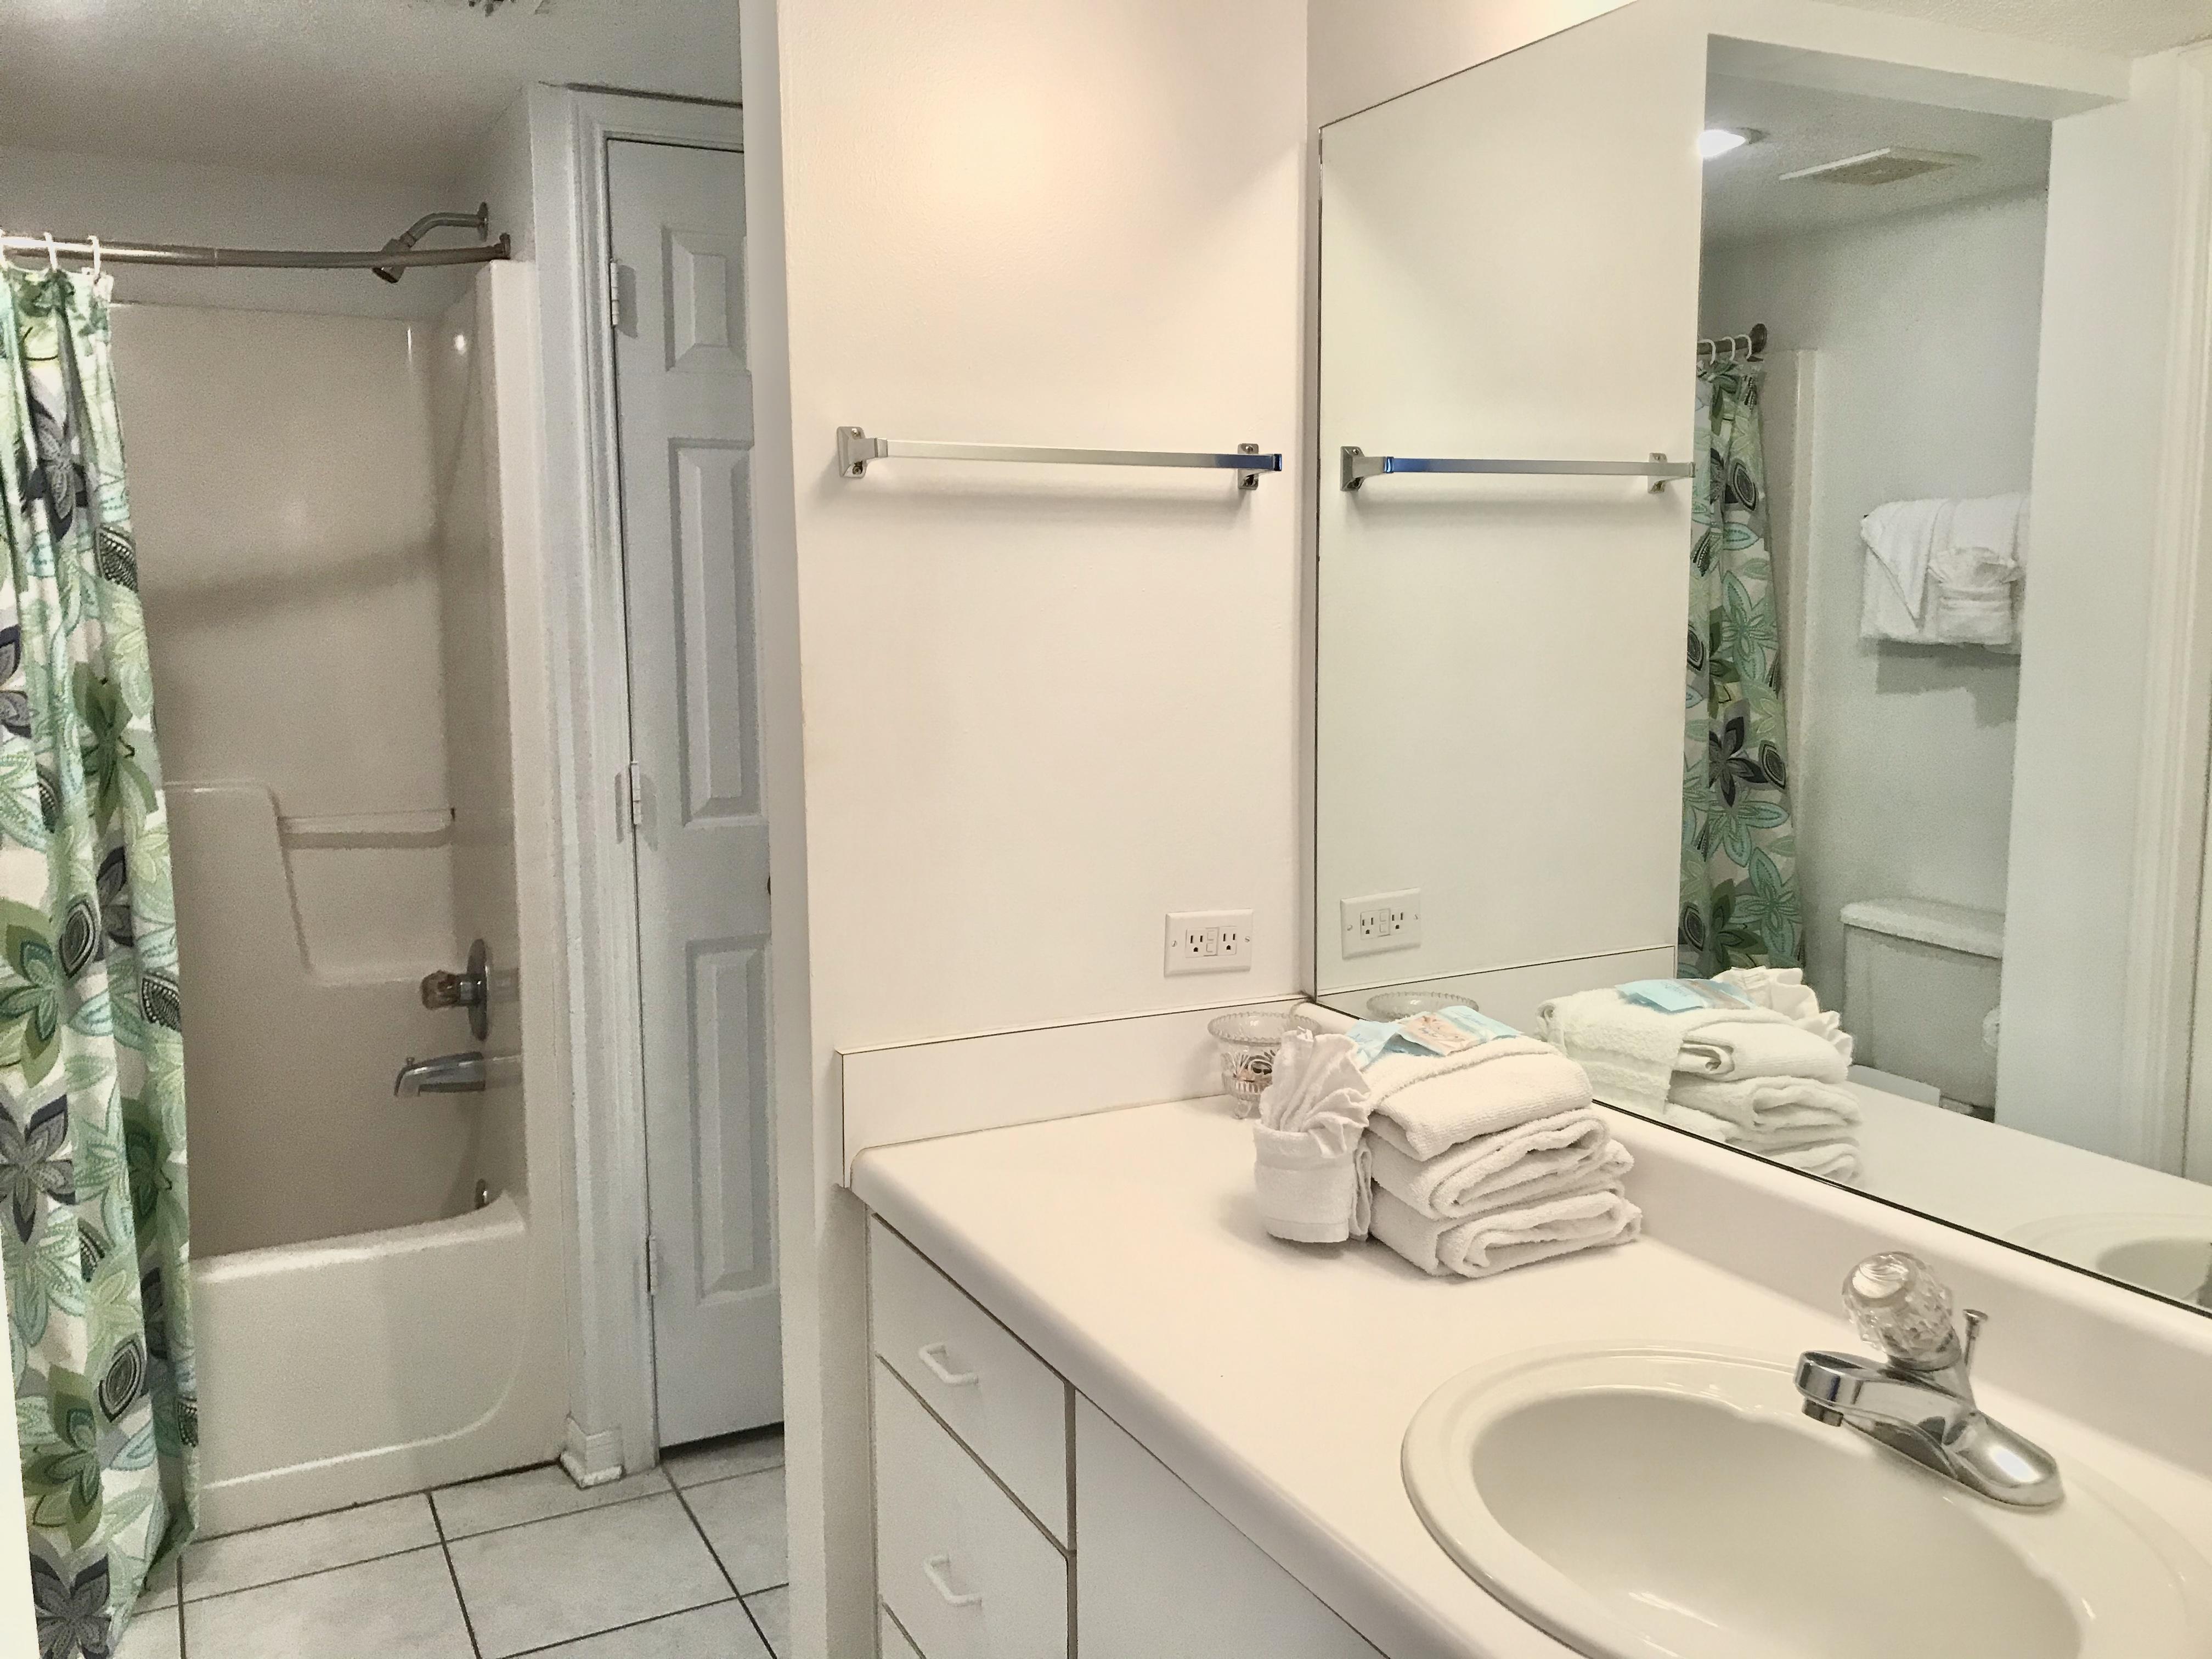 Ocean House 2306 Condo rental in Ocean House - Gulf Shores in Gulf Shores Alabama - #37